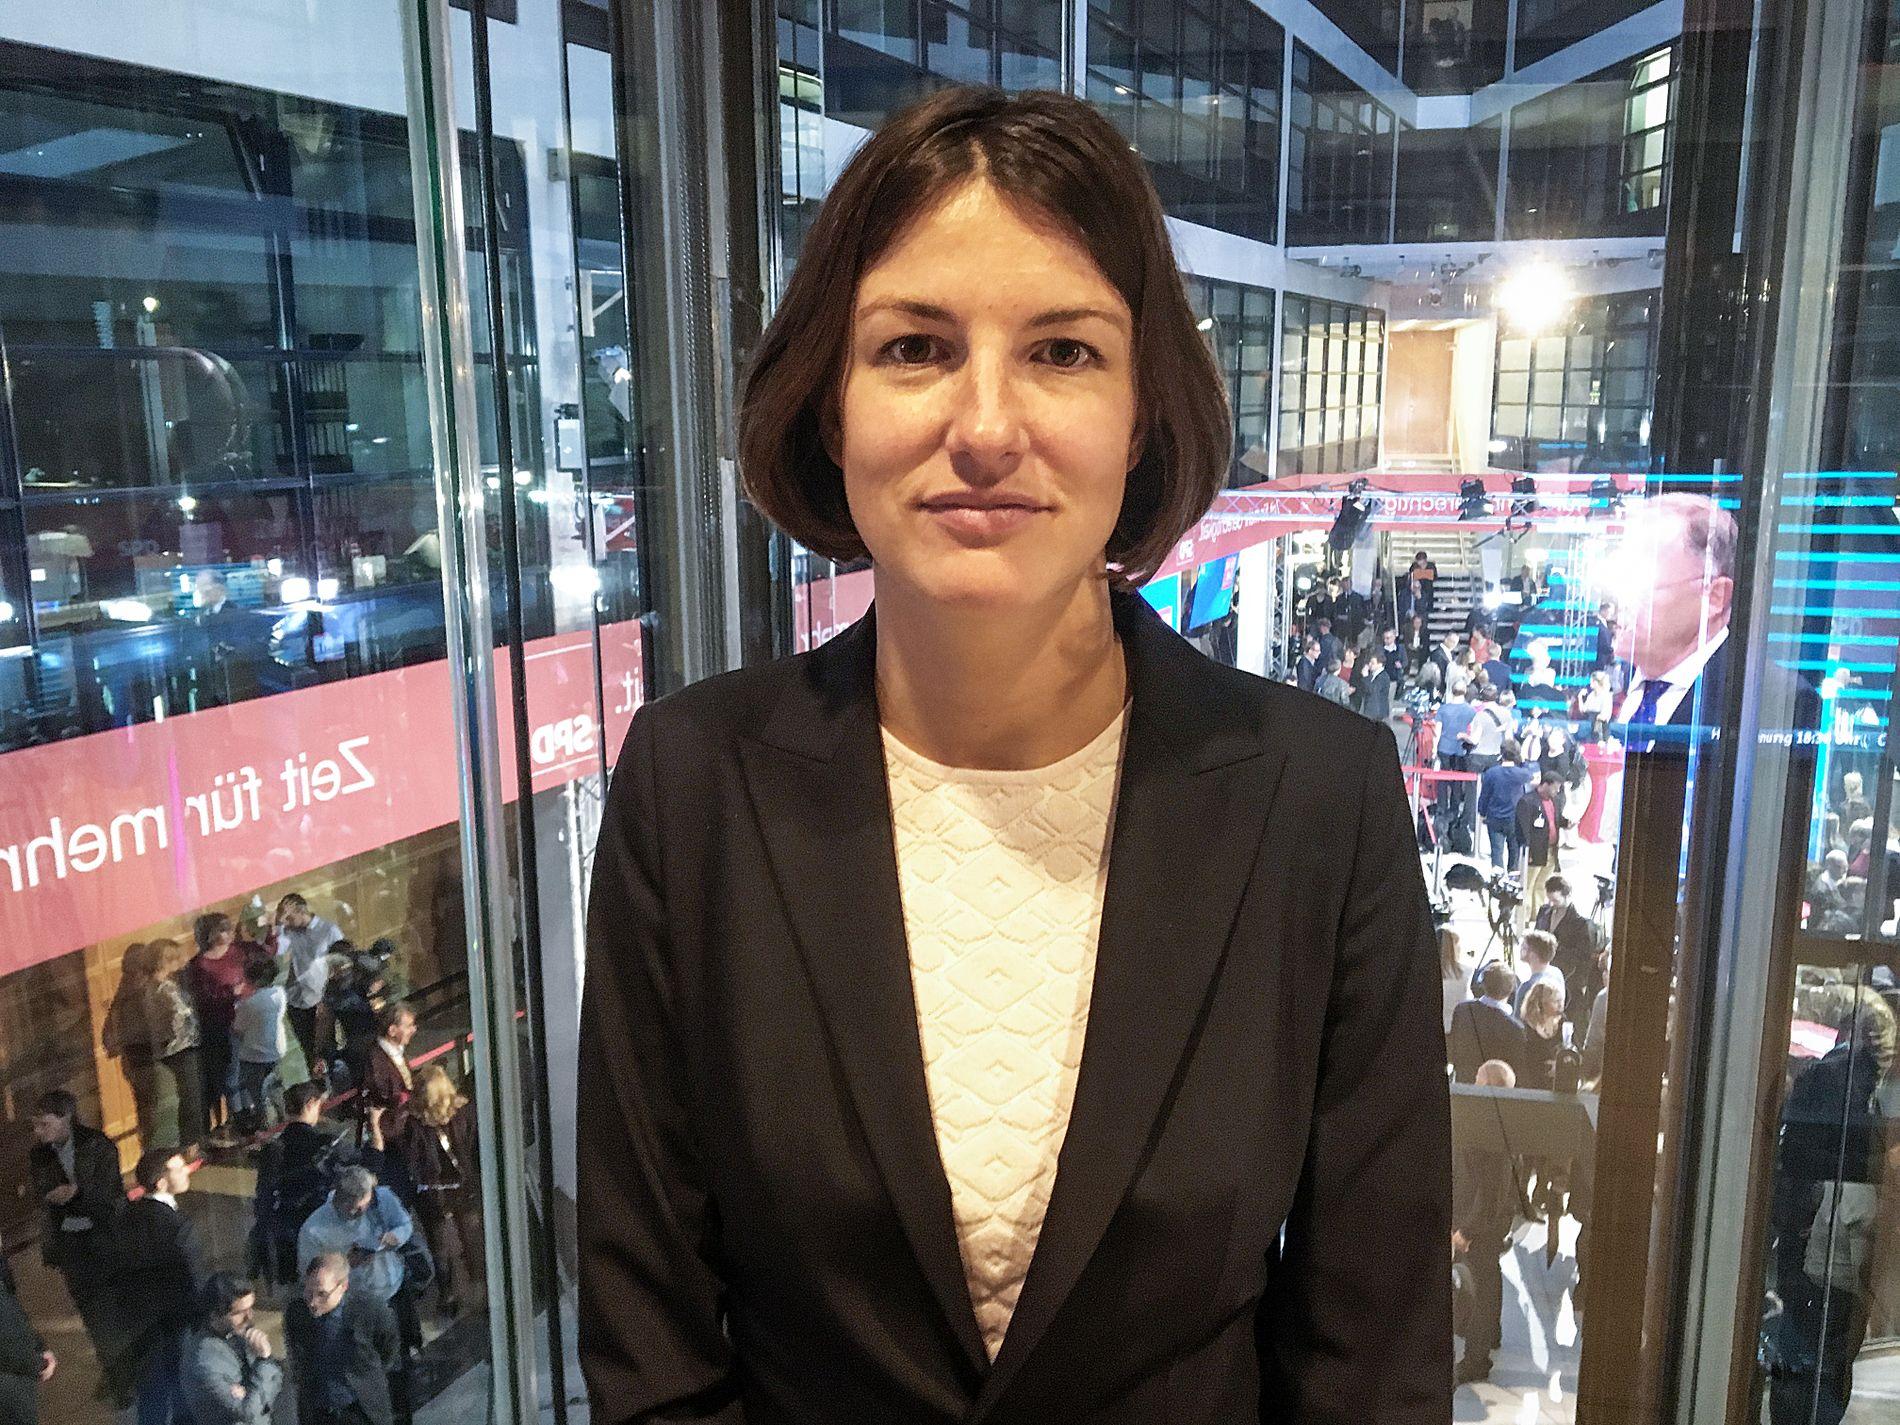 IKKE OVERRASKET: Kajsa Borgnäs fra ledelsen i fagforeningen Arbeit und Umwelt er ikke overrasket over sosialdemokratenes nederlag.